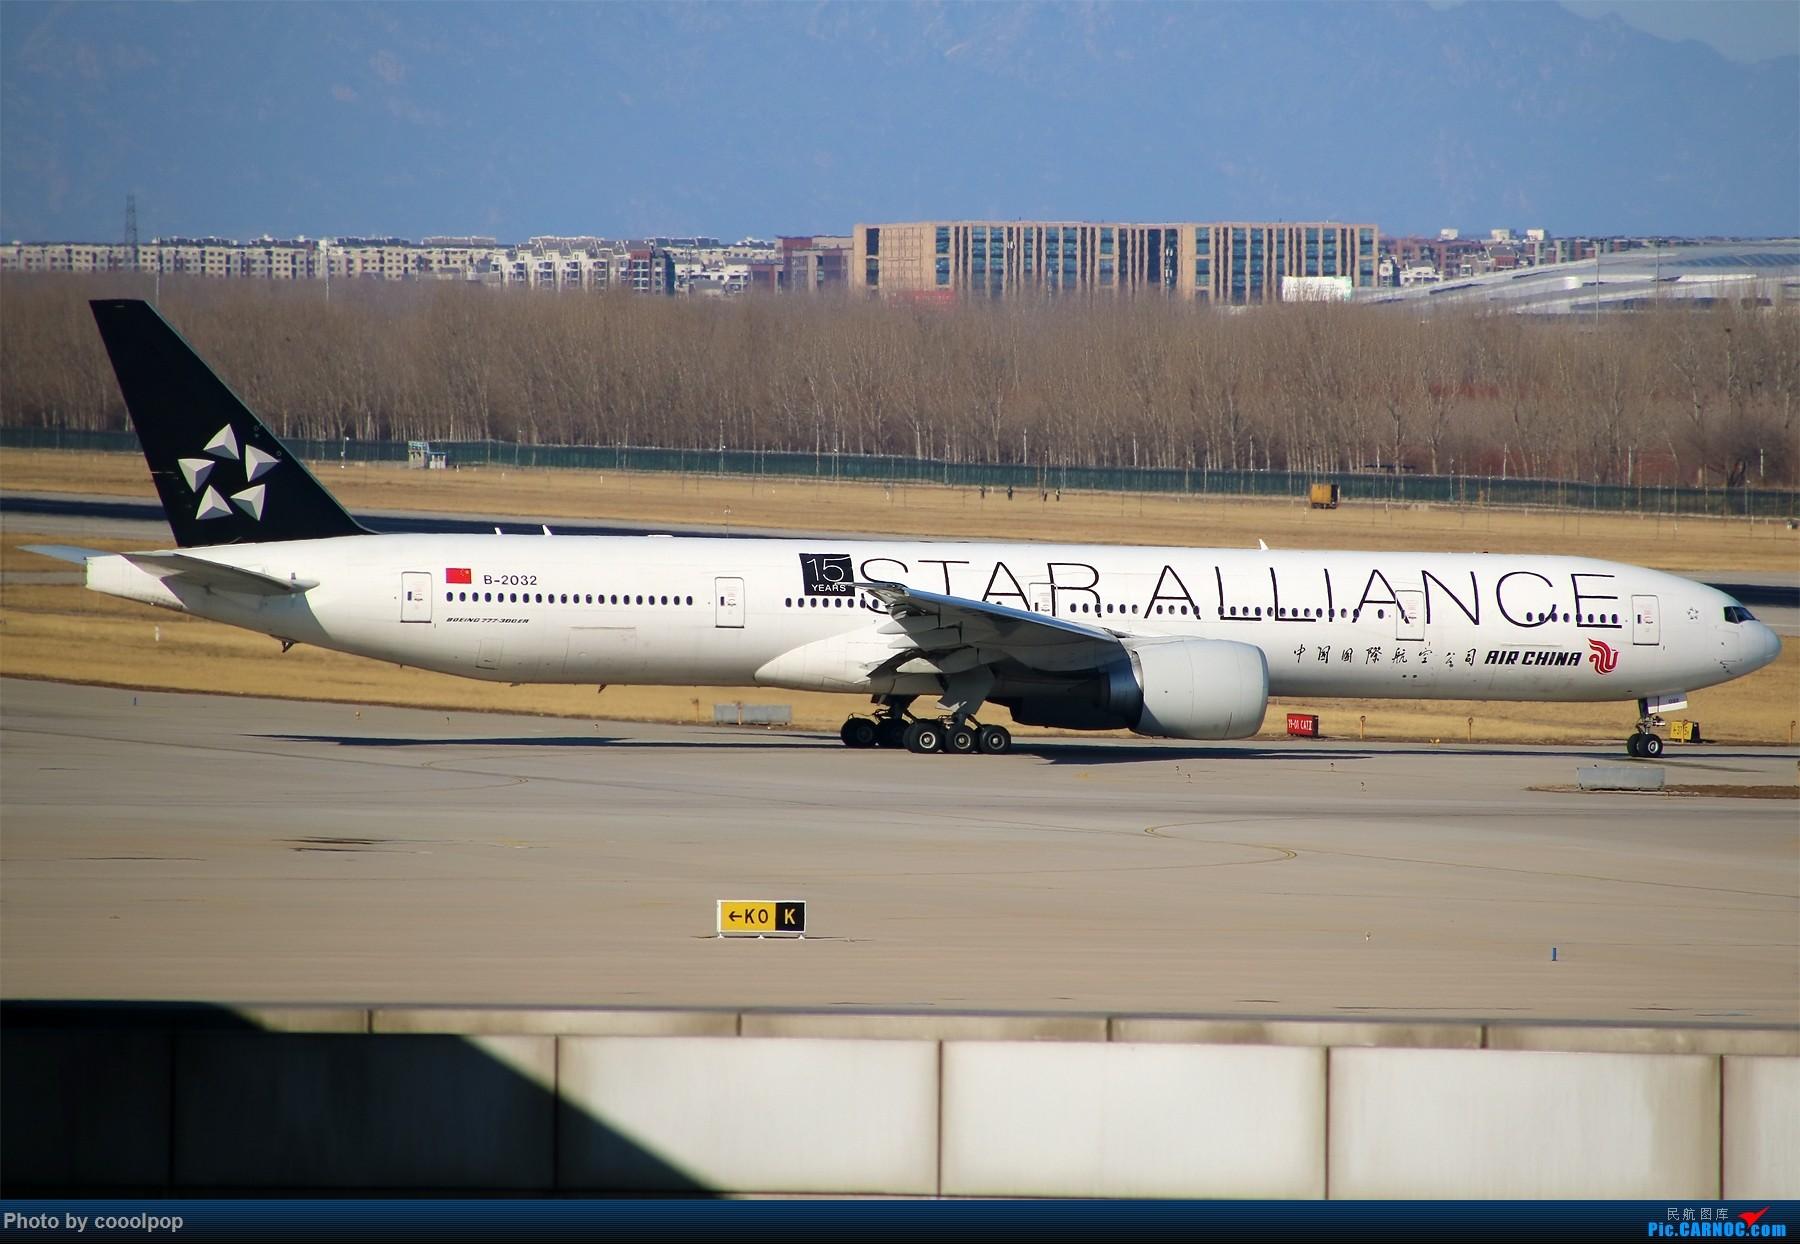 Re:[原创]PEK T3 桥上的一些大鸟!牌彩绘是要拼人品哒! BOEING 777-300ER B-2032 中国北京首都国际机场